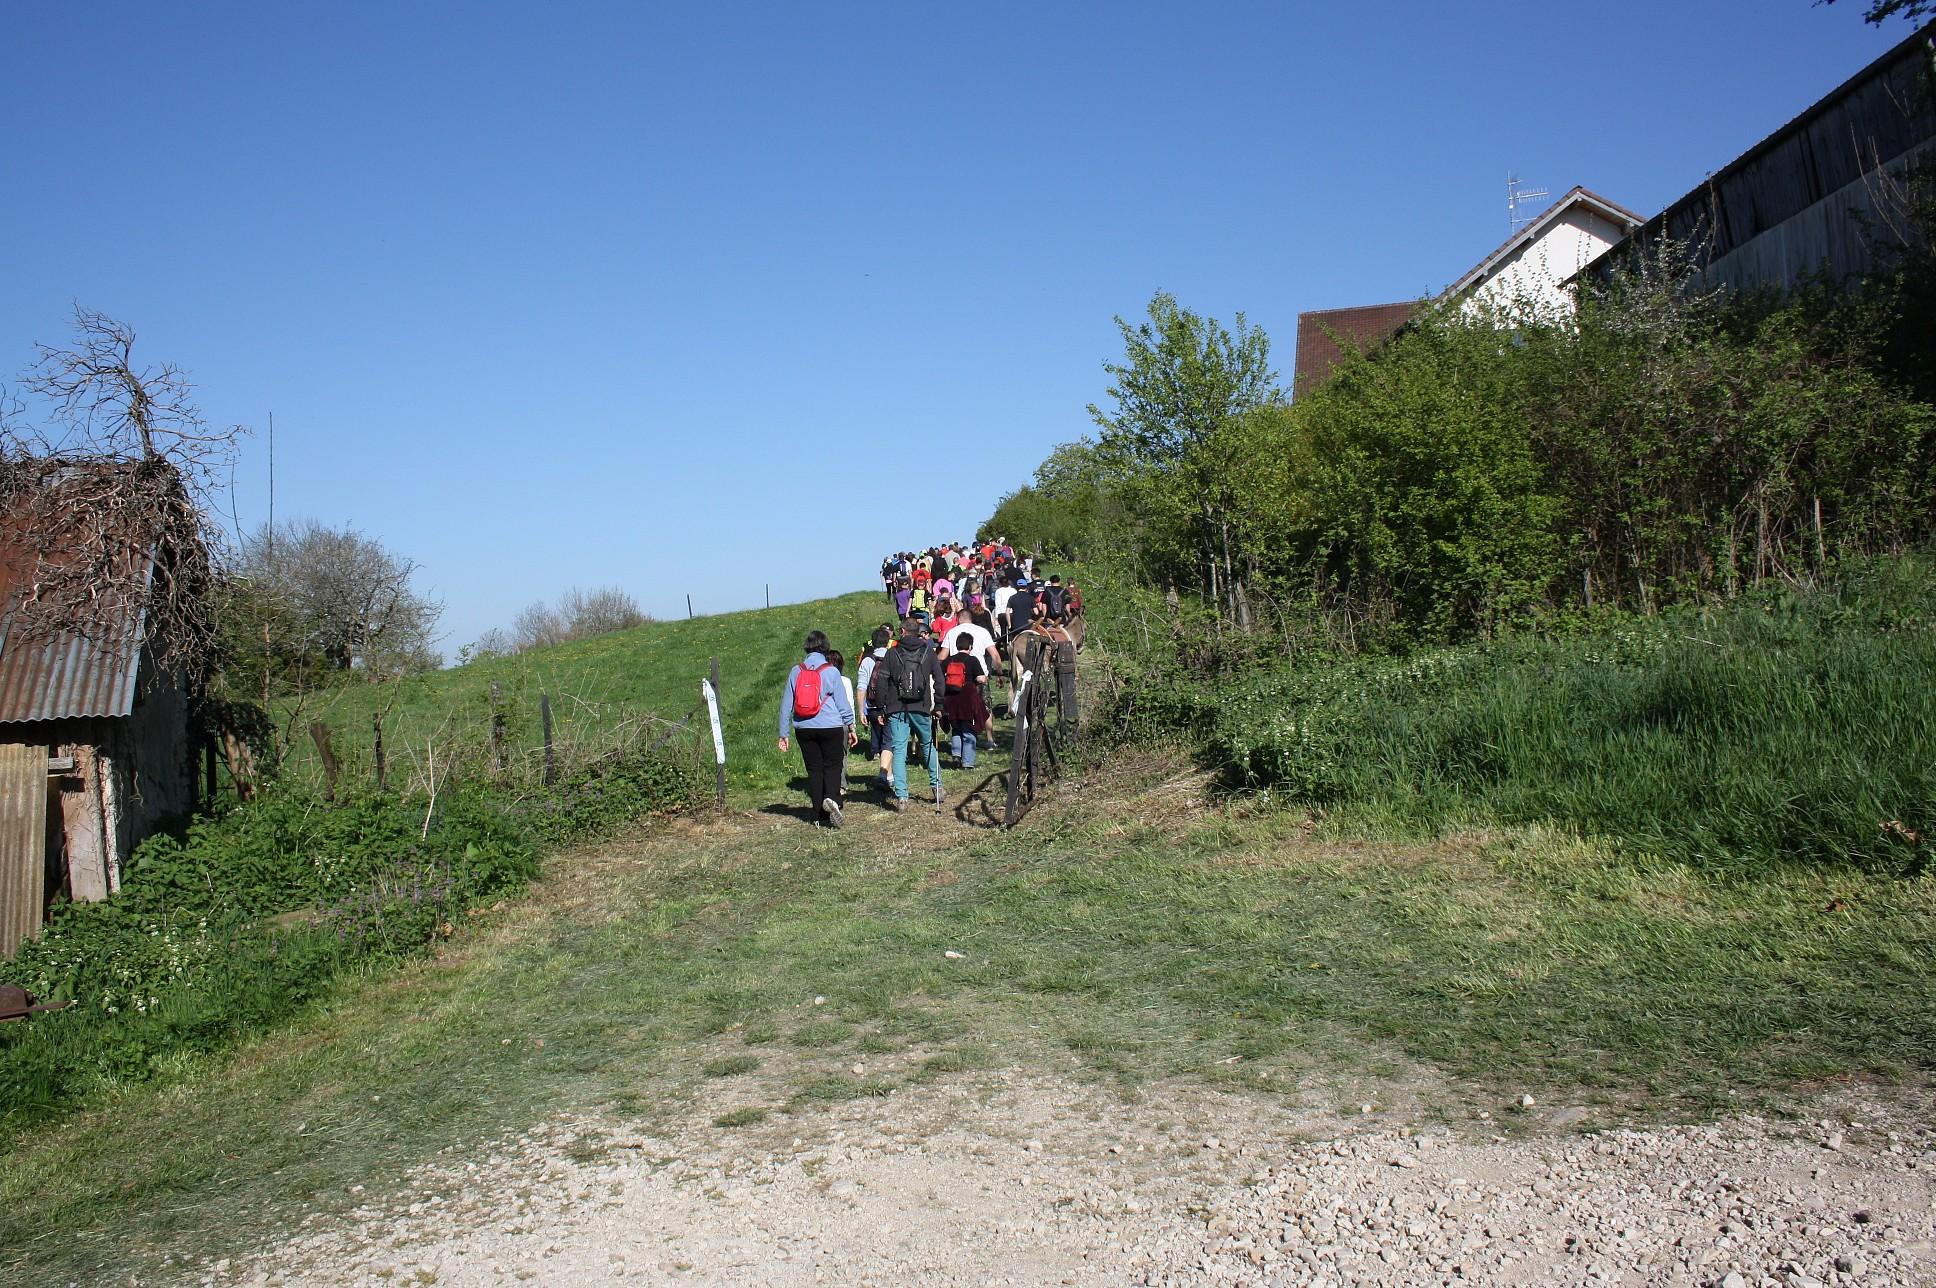 2017-04-09 - Trail-Montfaucon-Juliette (117)